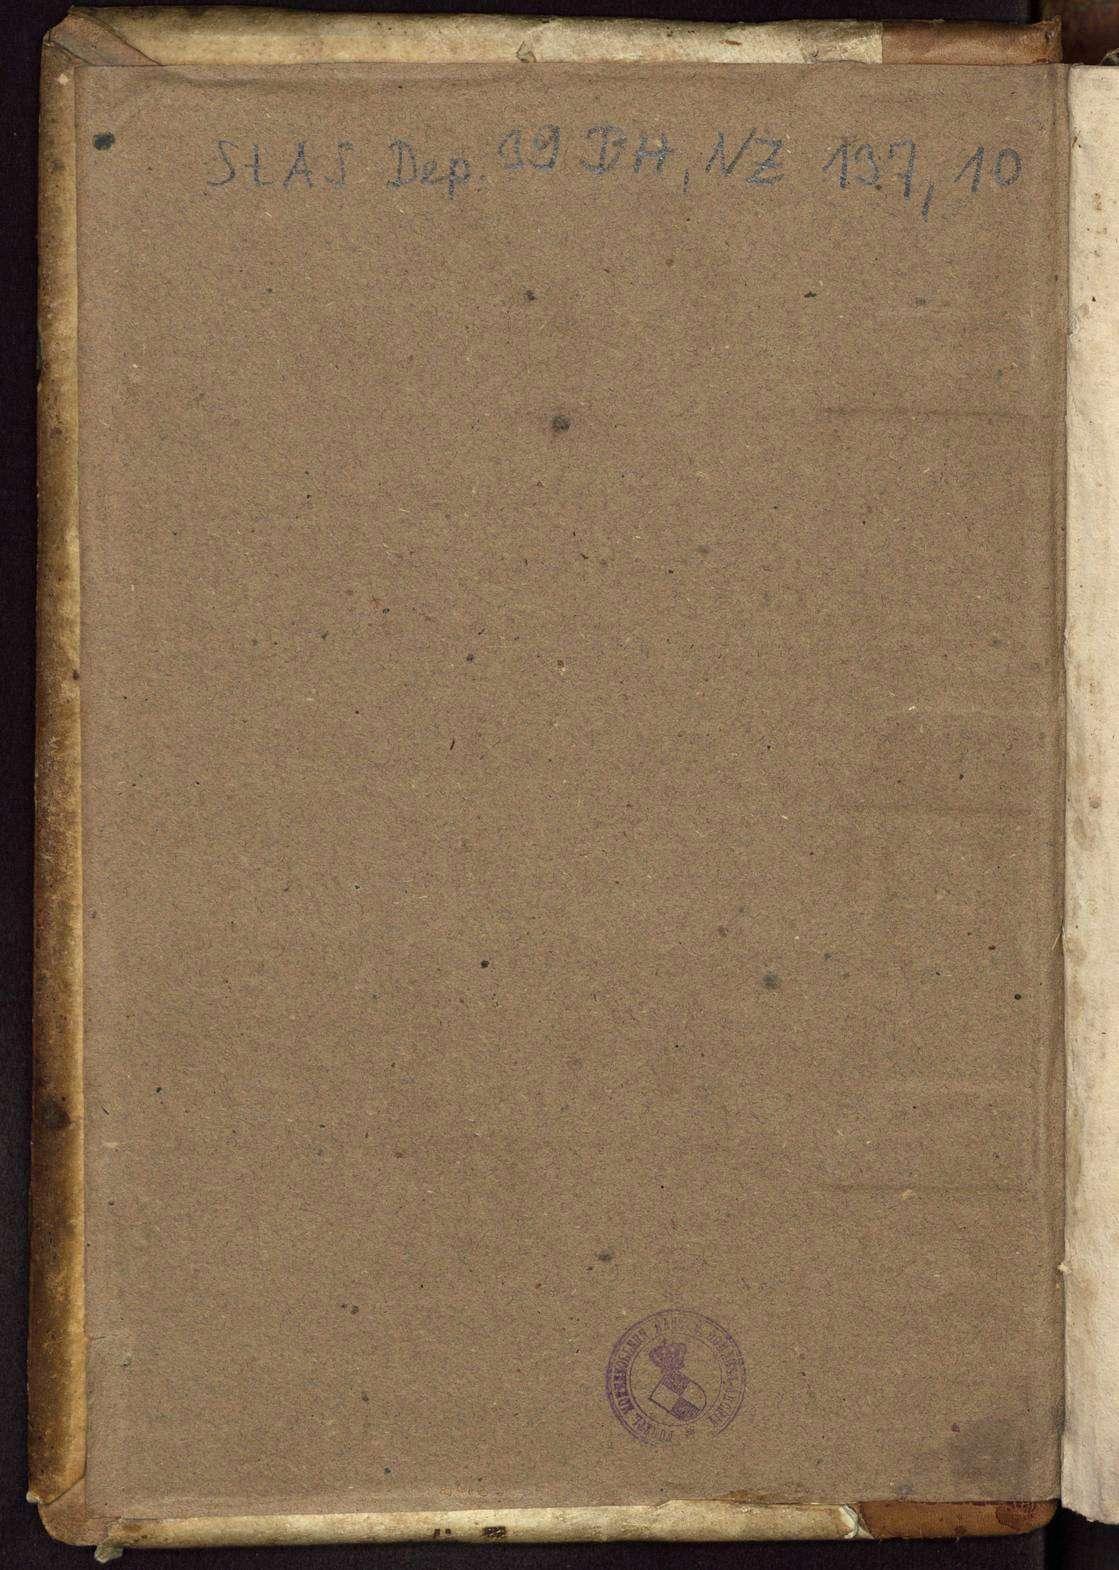 Berthold Hagens Lagerbücher über die einzelnen Orte der Grafschaft Zollern mit Einschluss der Pfarreien, Kaplaneien und Stiftungen in 13 Bänden, Bild 3